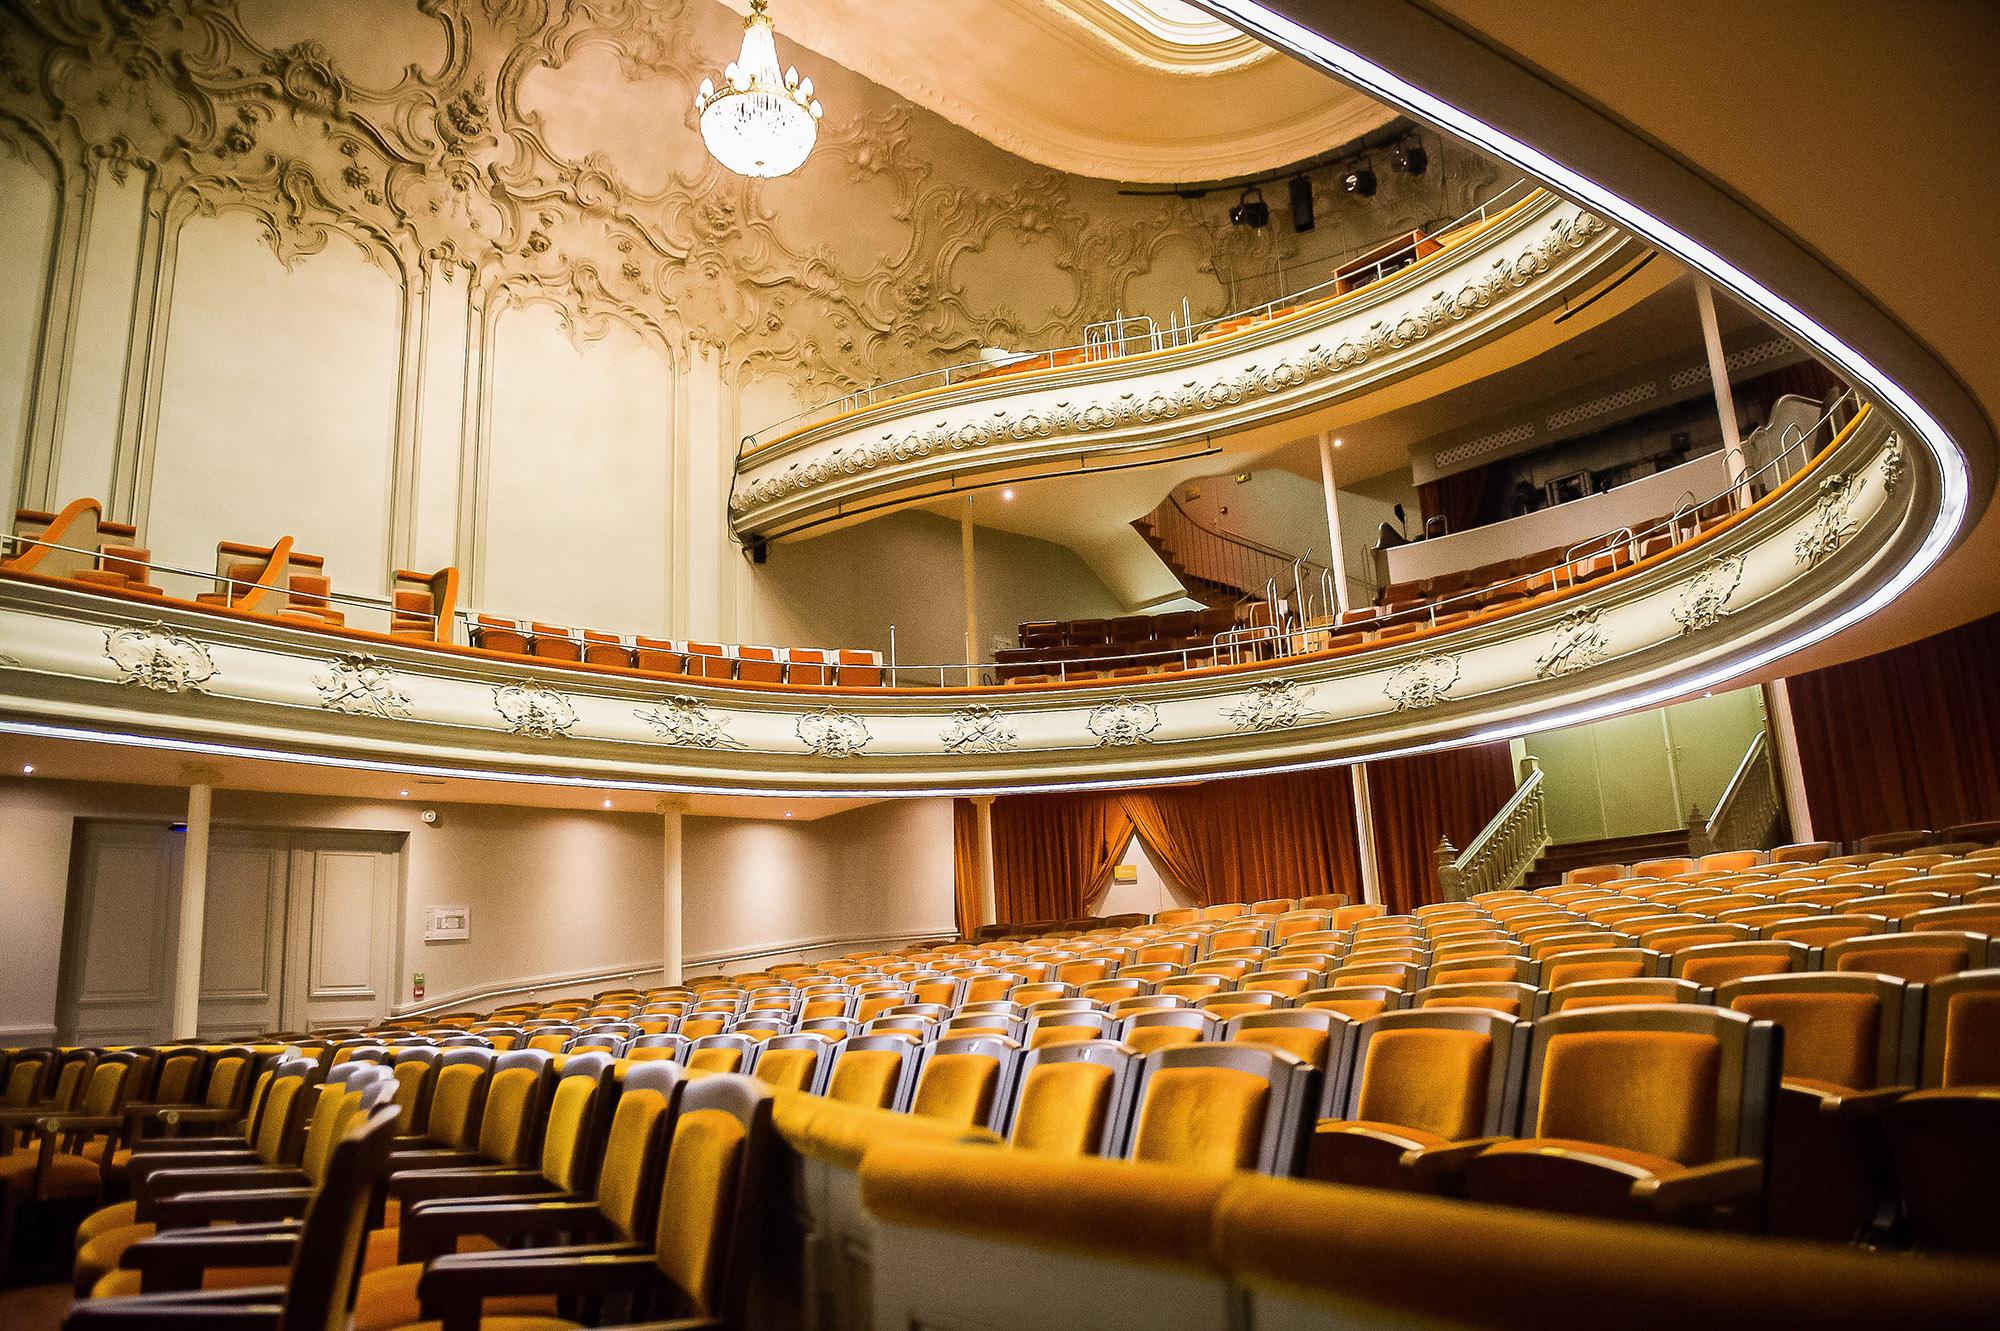 Konzertsäle, Theater, Kasino